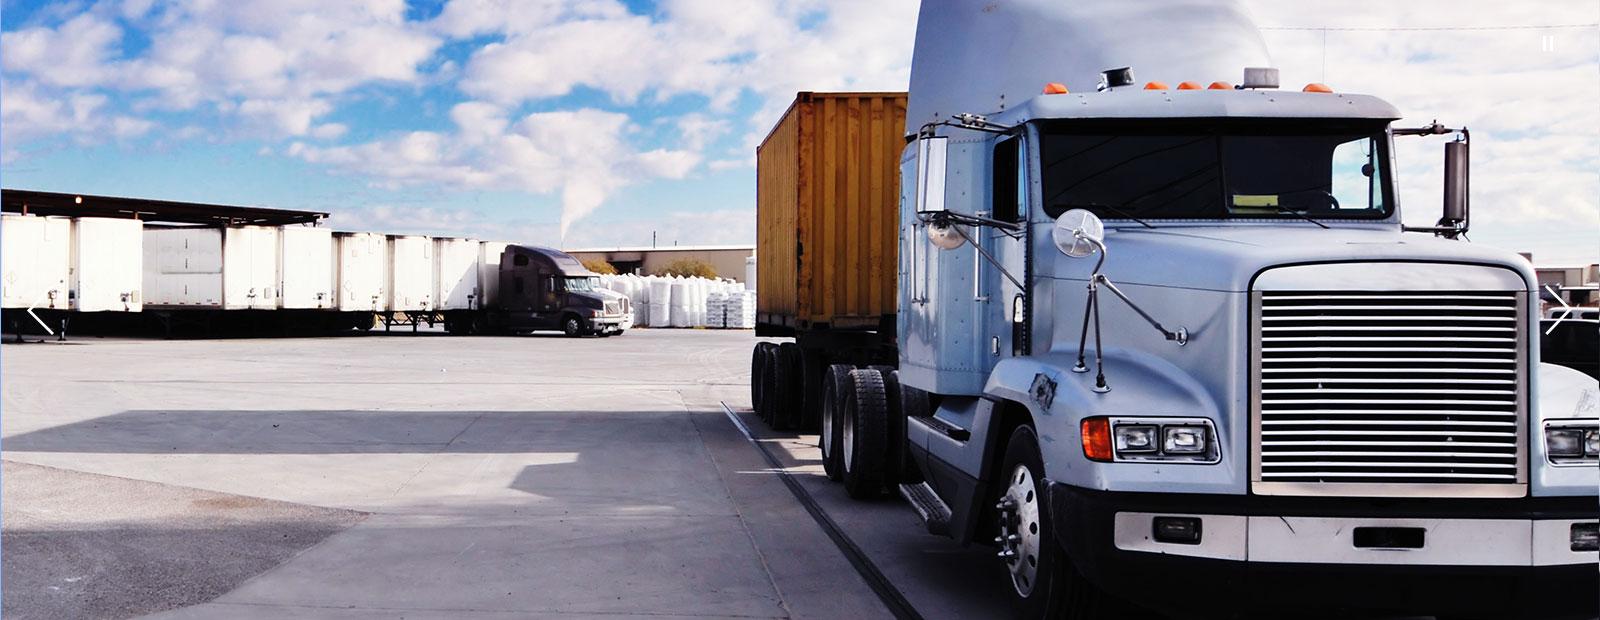 dēzl™ Truck Navigators